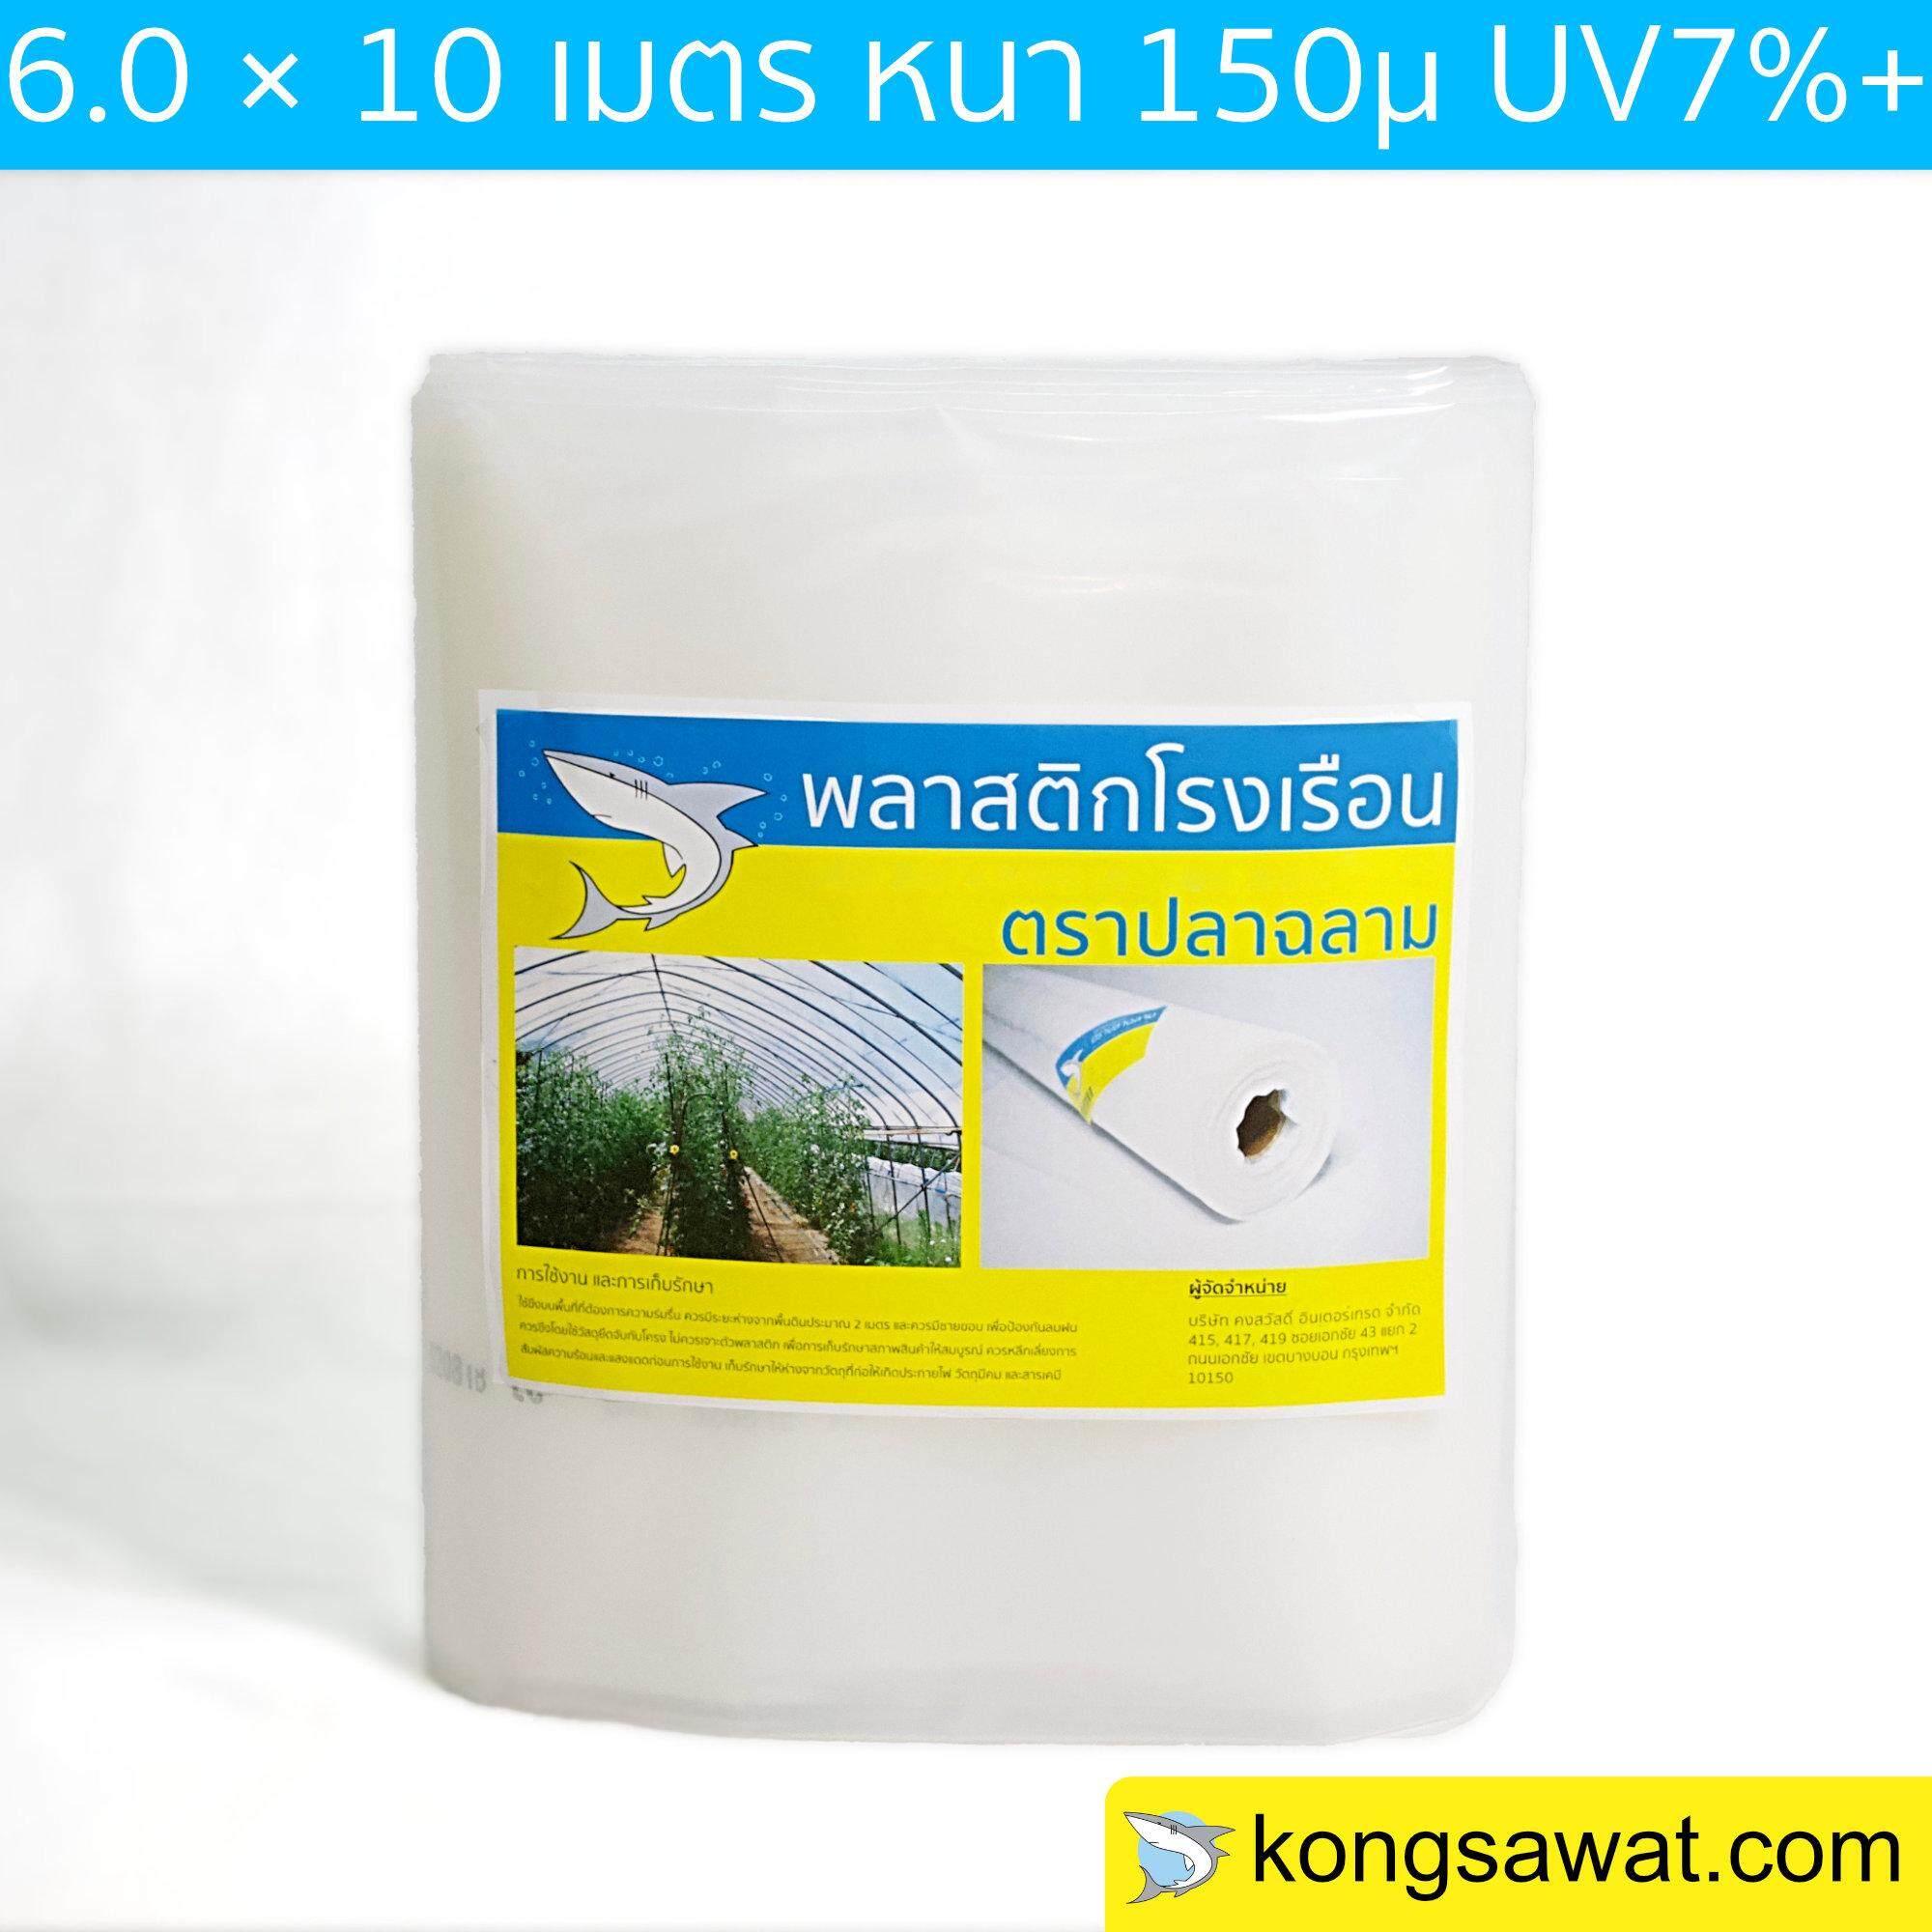 พลาสติกโรงเรือน 6.0 × 10 เมตร หนา 150 ไมครอน Uv7%+ ตราฉลาม By Kongsawat Intertrade Co.,ltd..